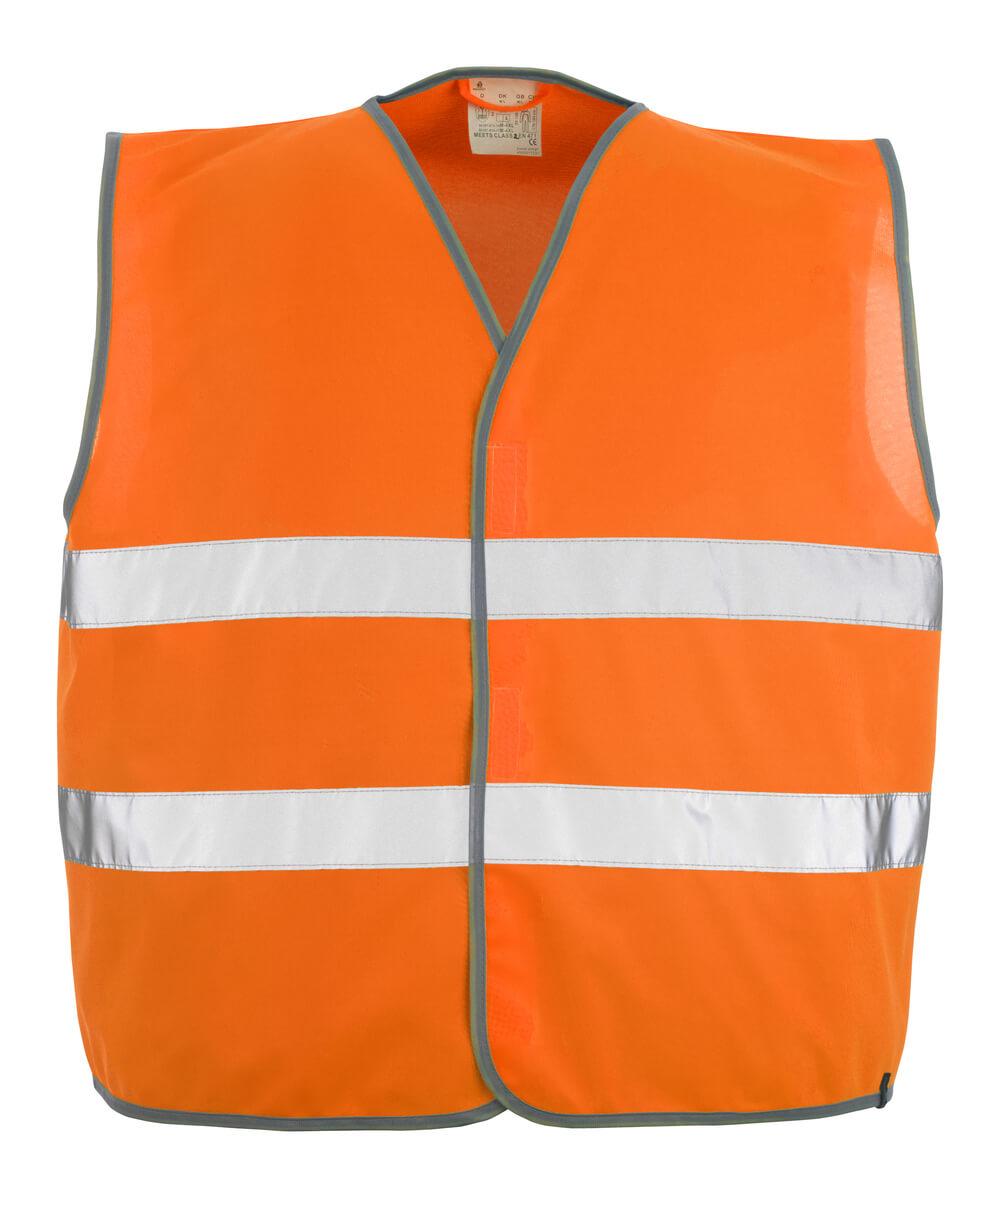 50187-874-14 Gilet de circulation - Hi-vis orange